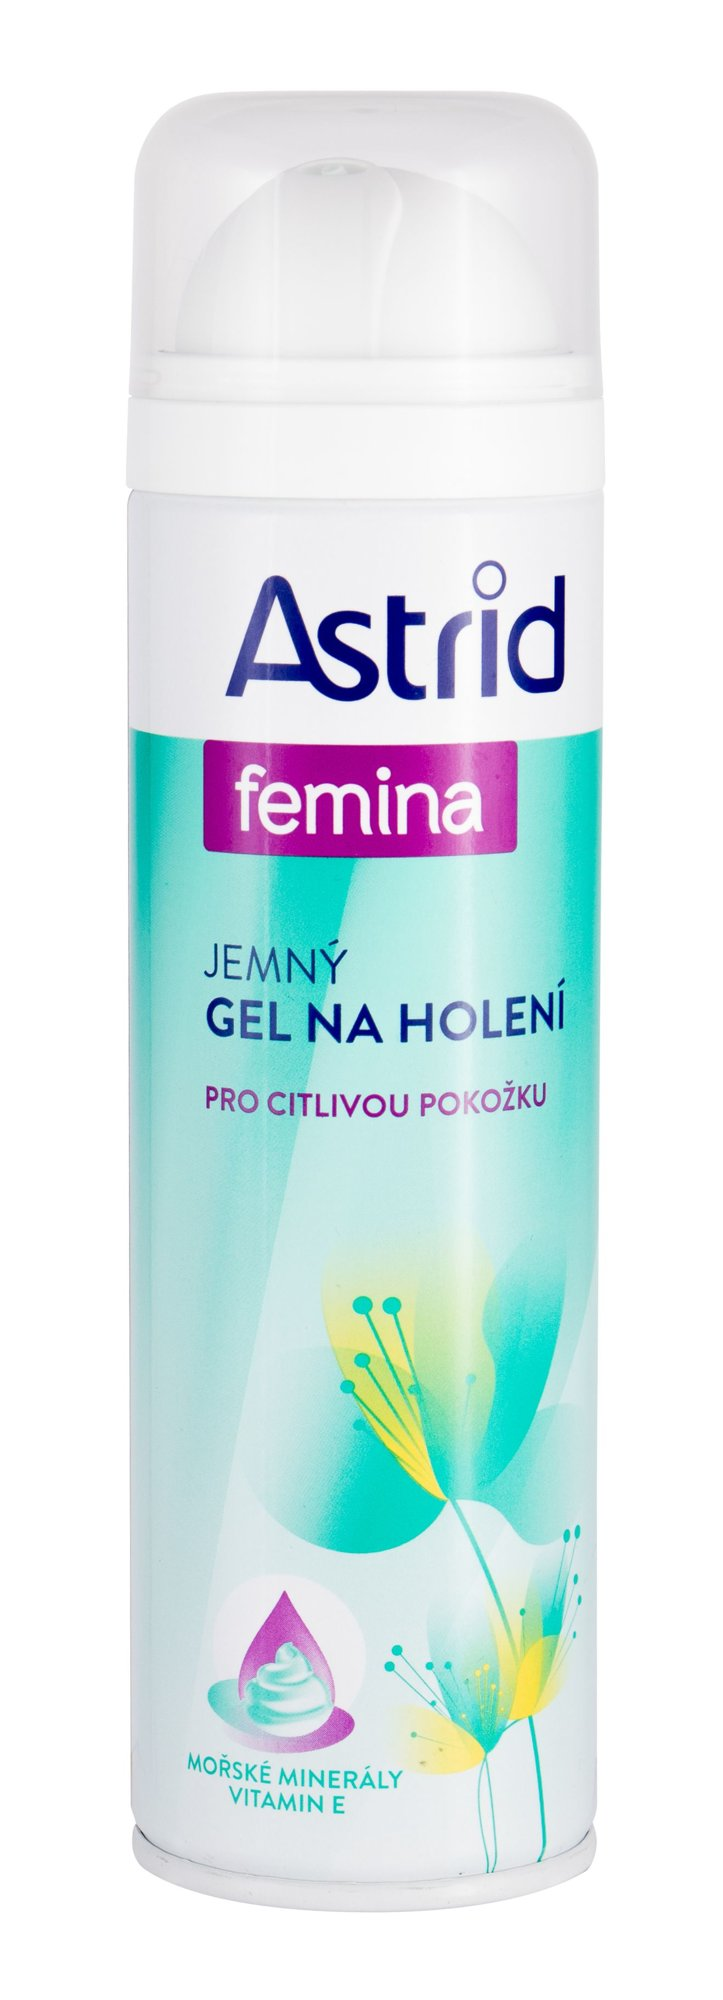 Astrid Femina Shaving Gel 200ml